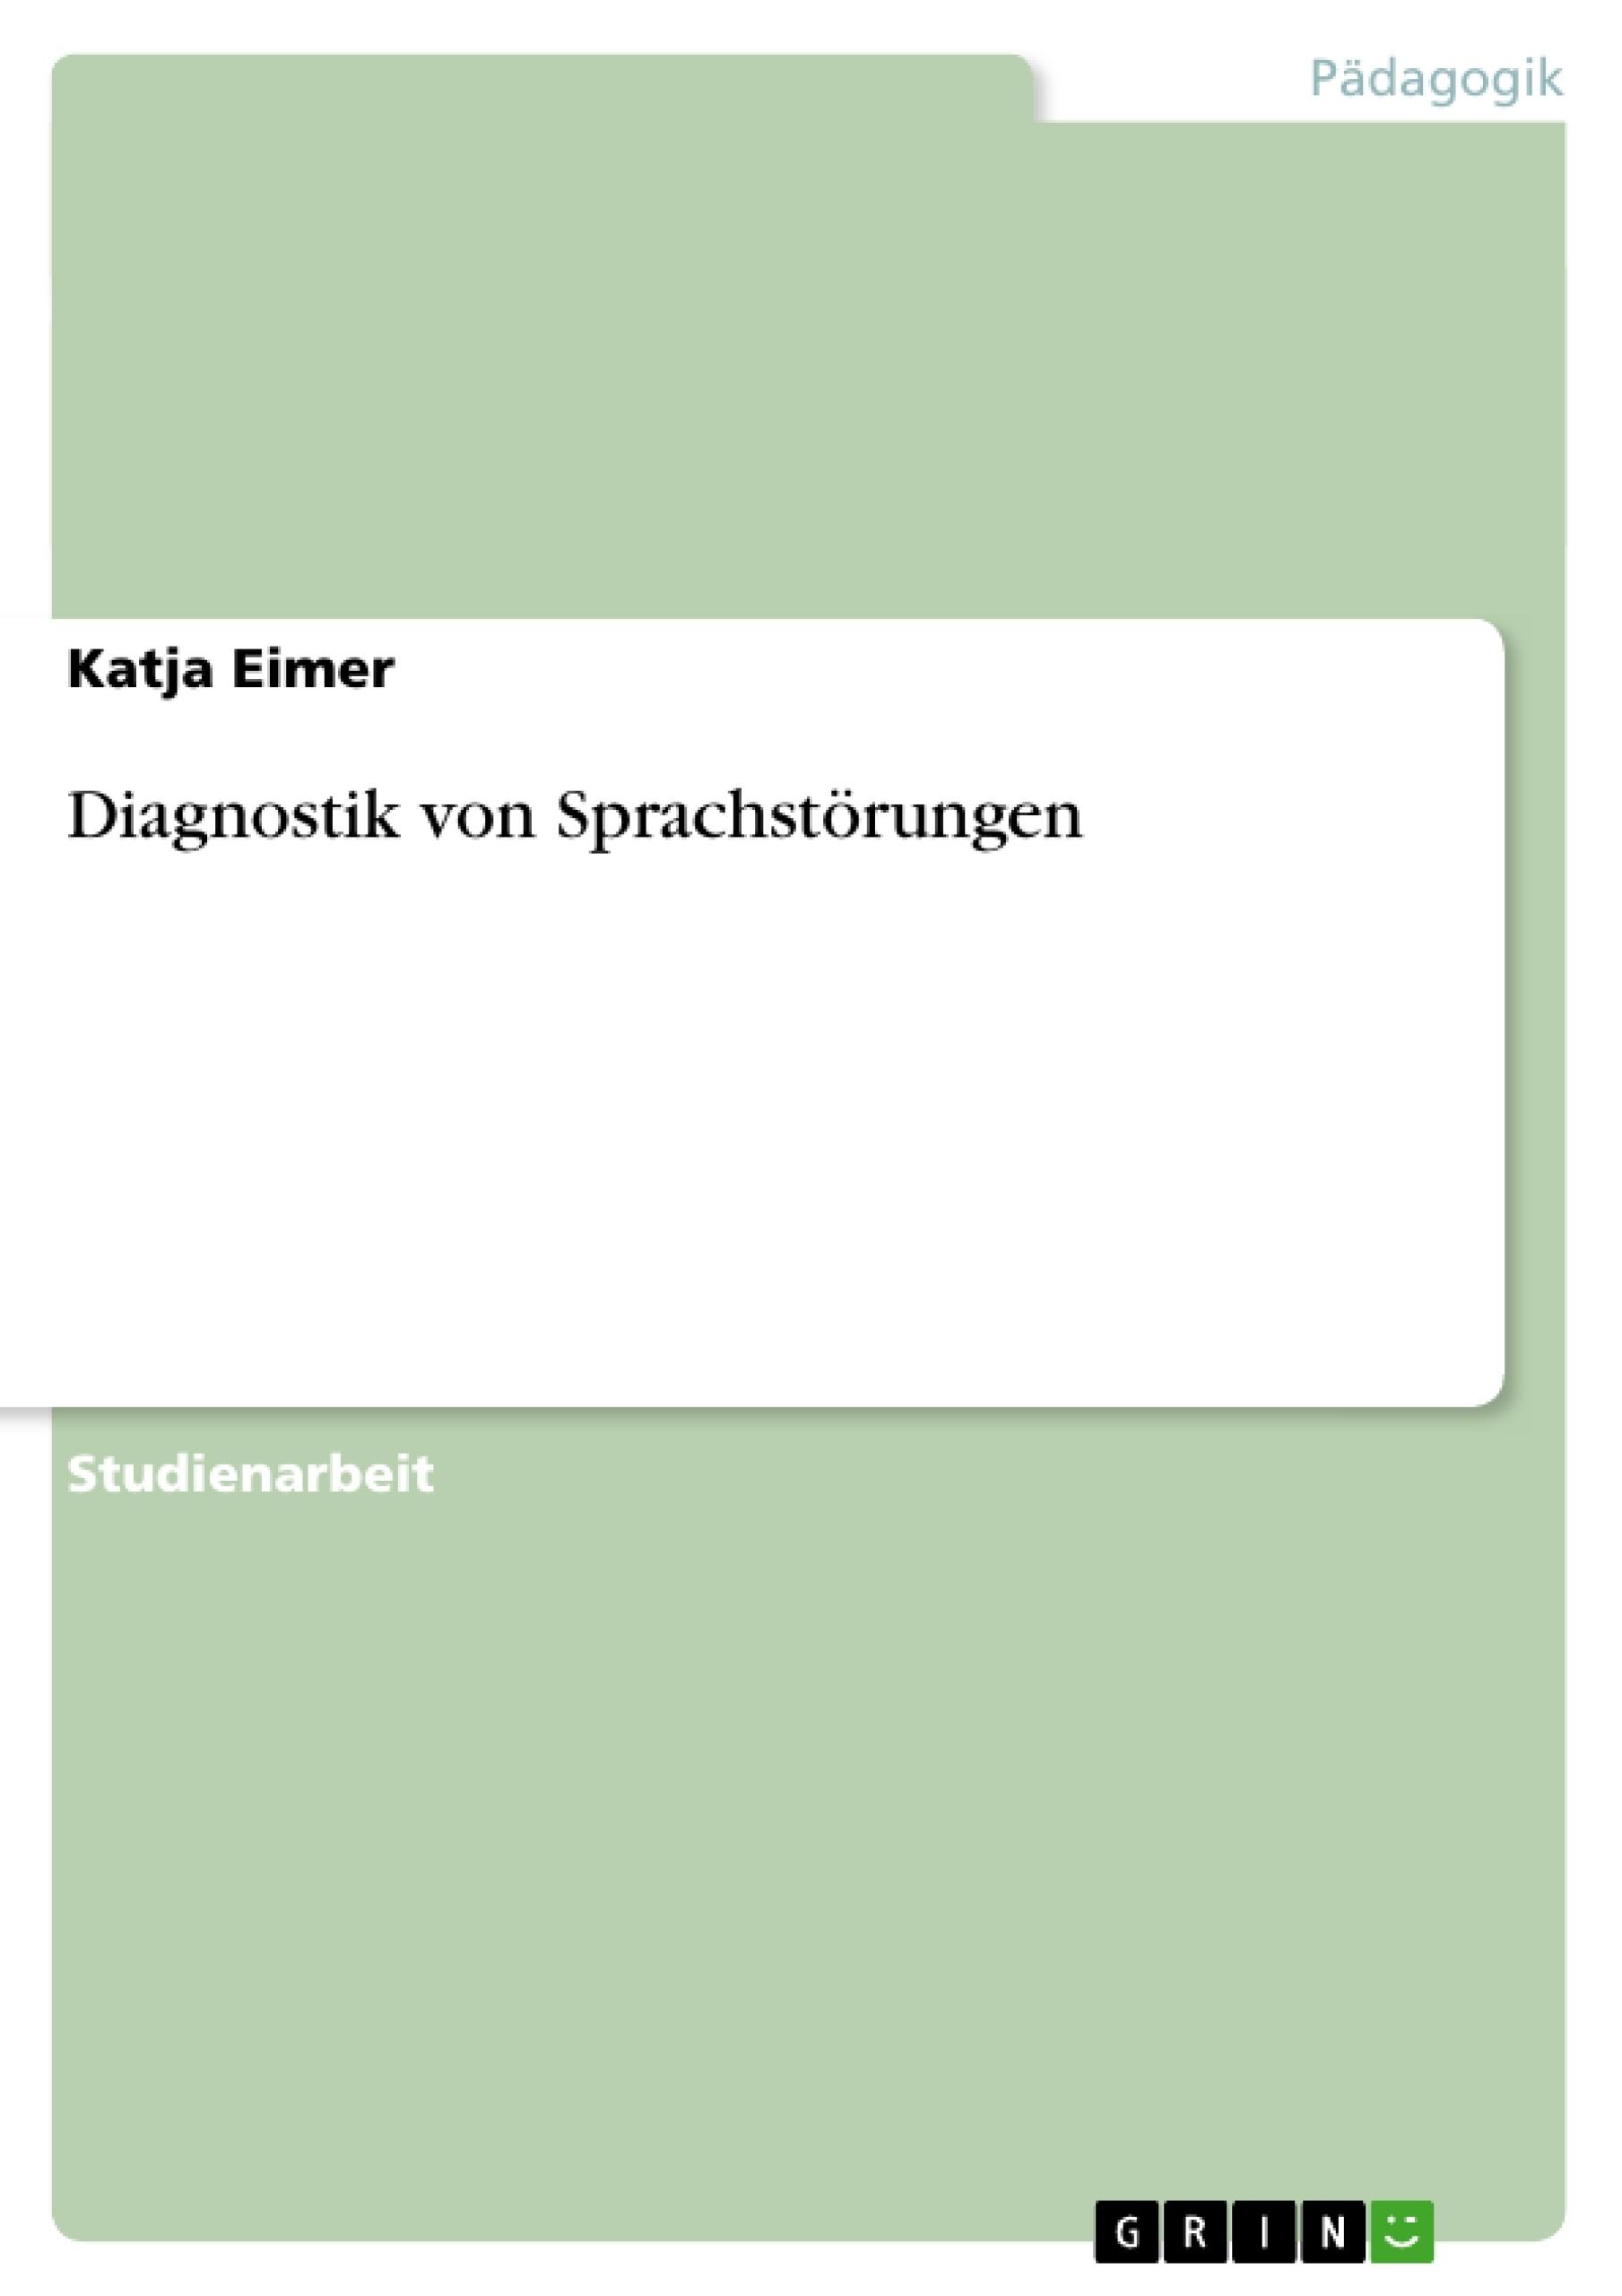 Titel: Diagnostik von Sprachstörungen